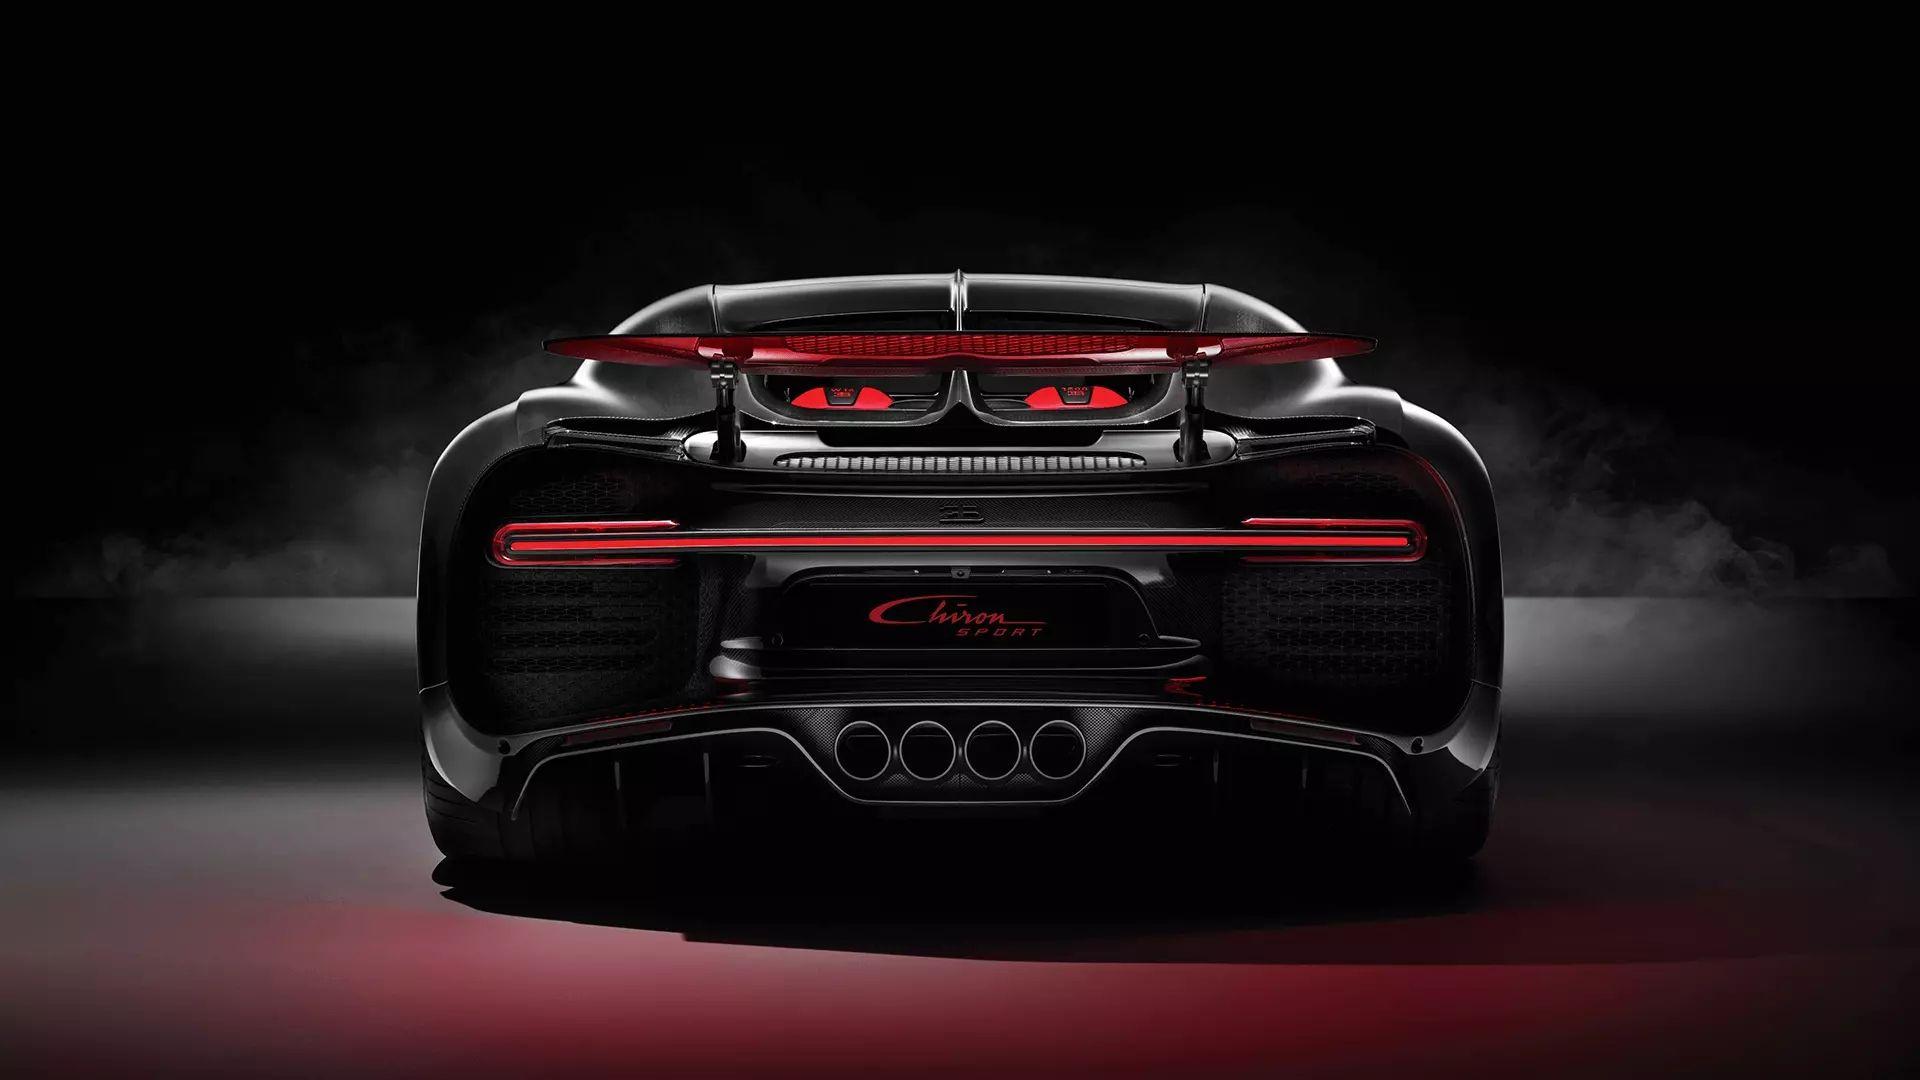 Bugatti Chiron Image By Jorge Corrales Bugatti Cars Bugatti